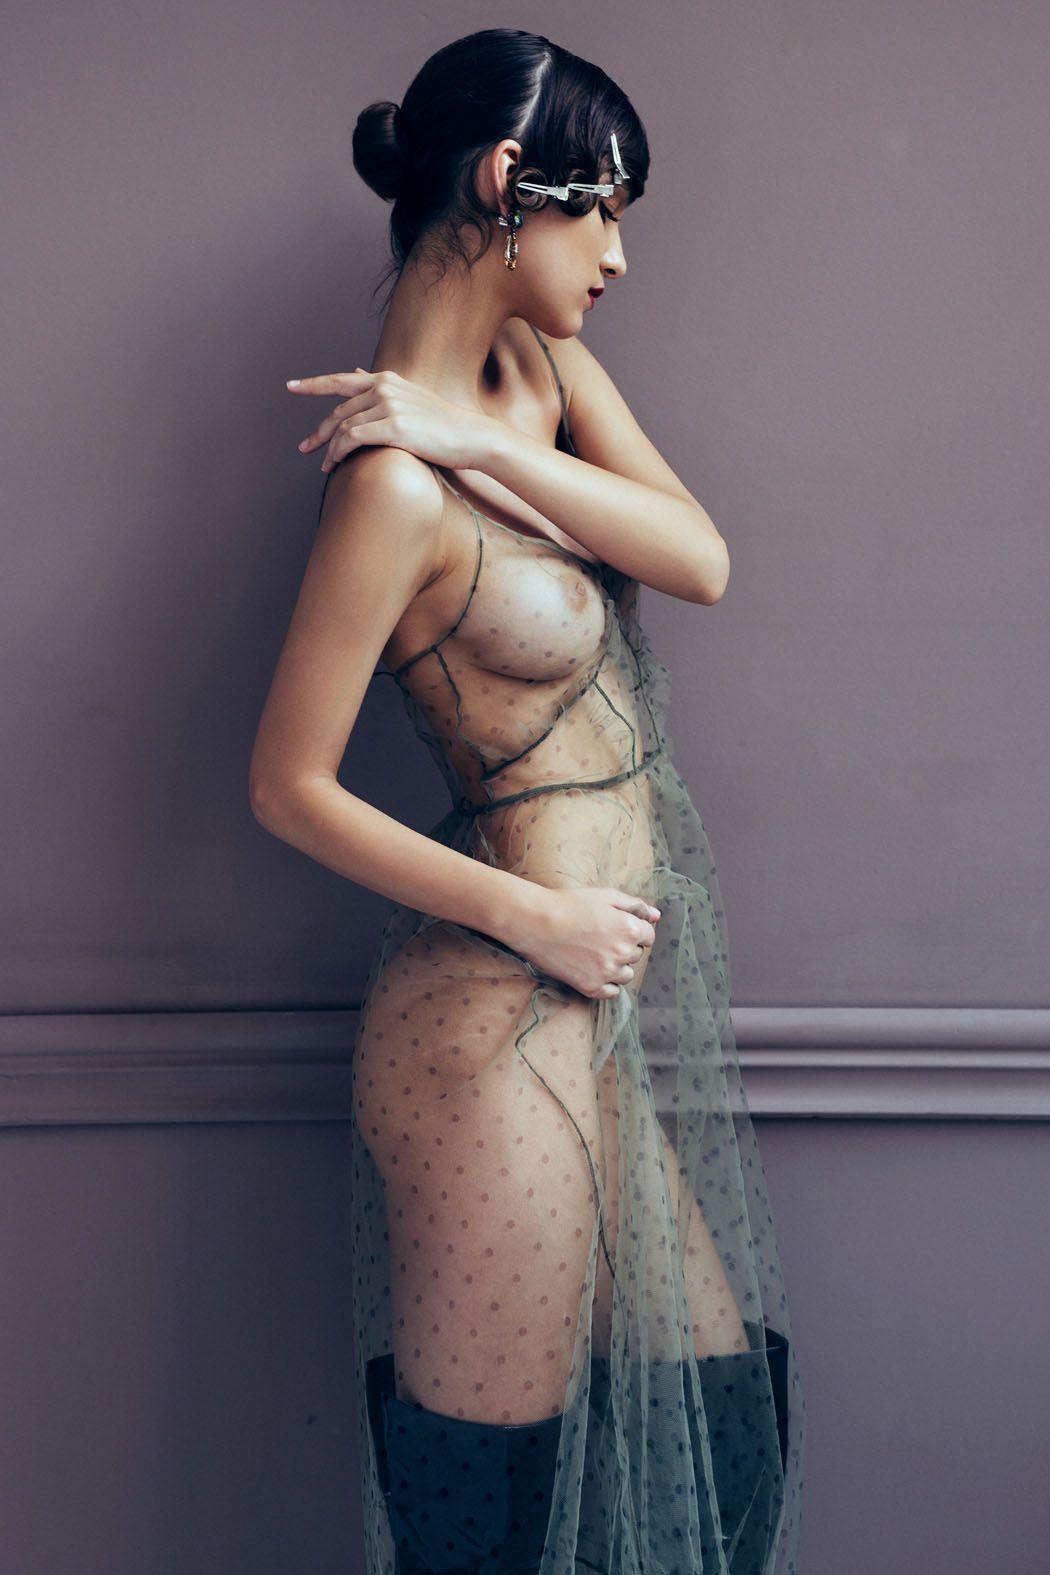 Paula Bulczynska naked (63 fotos) Ass, 2017, butt